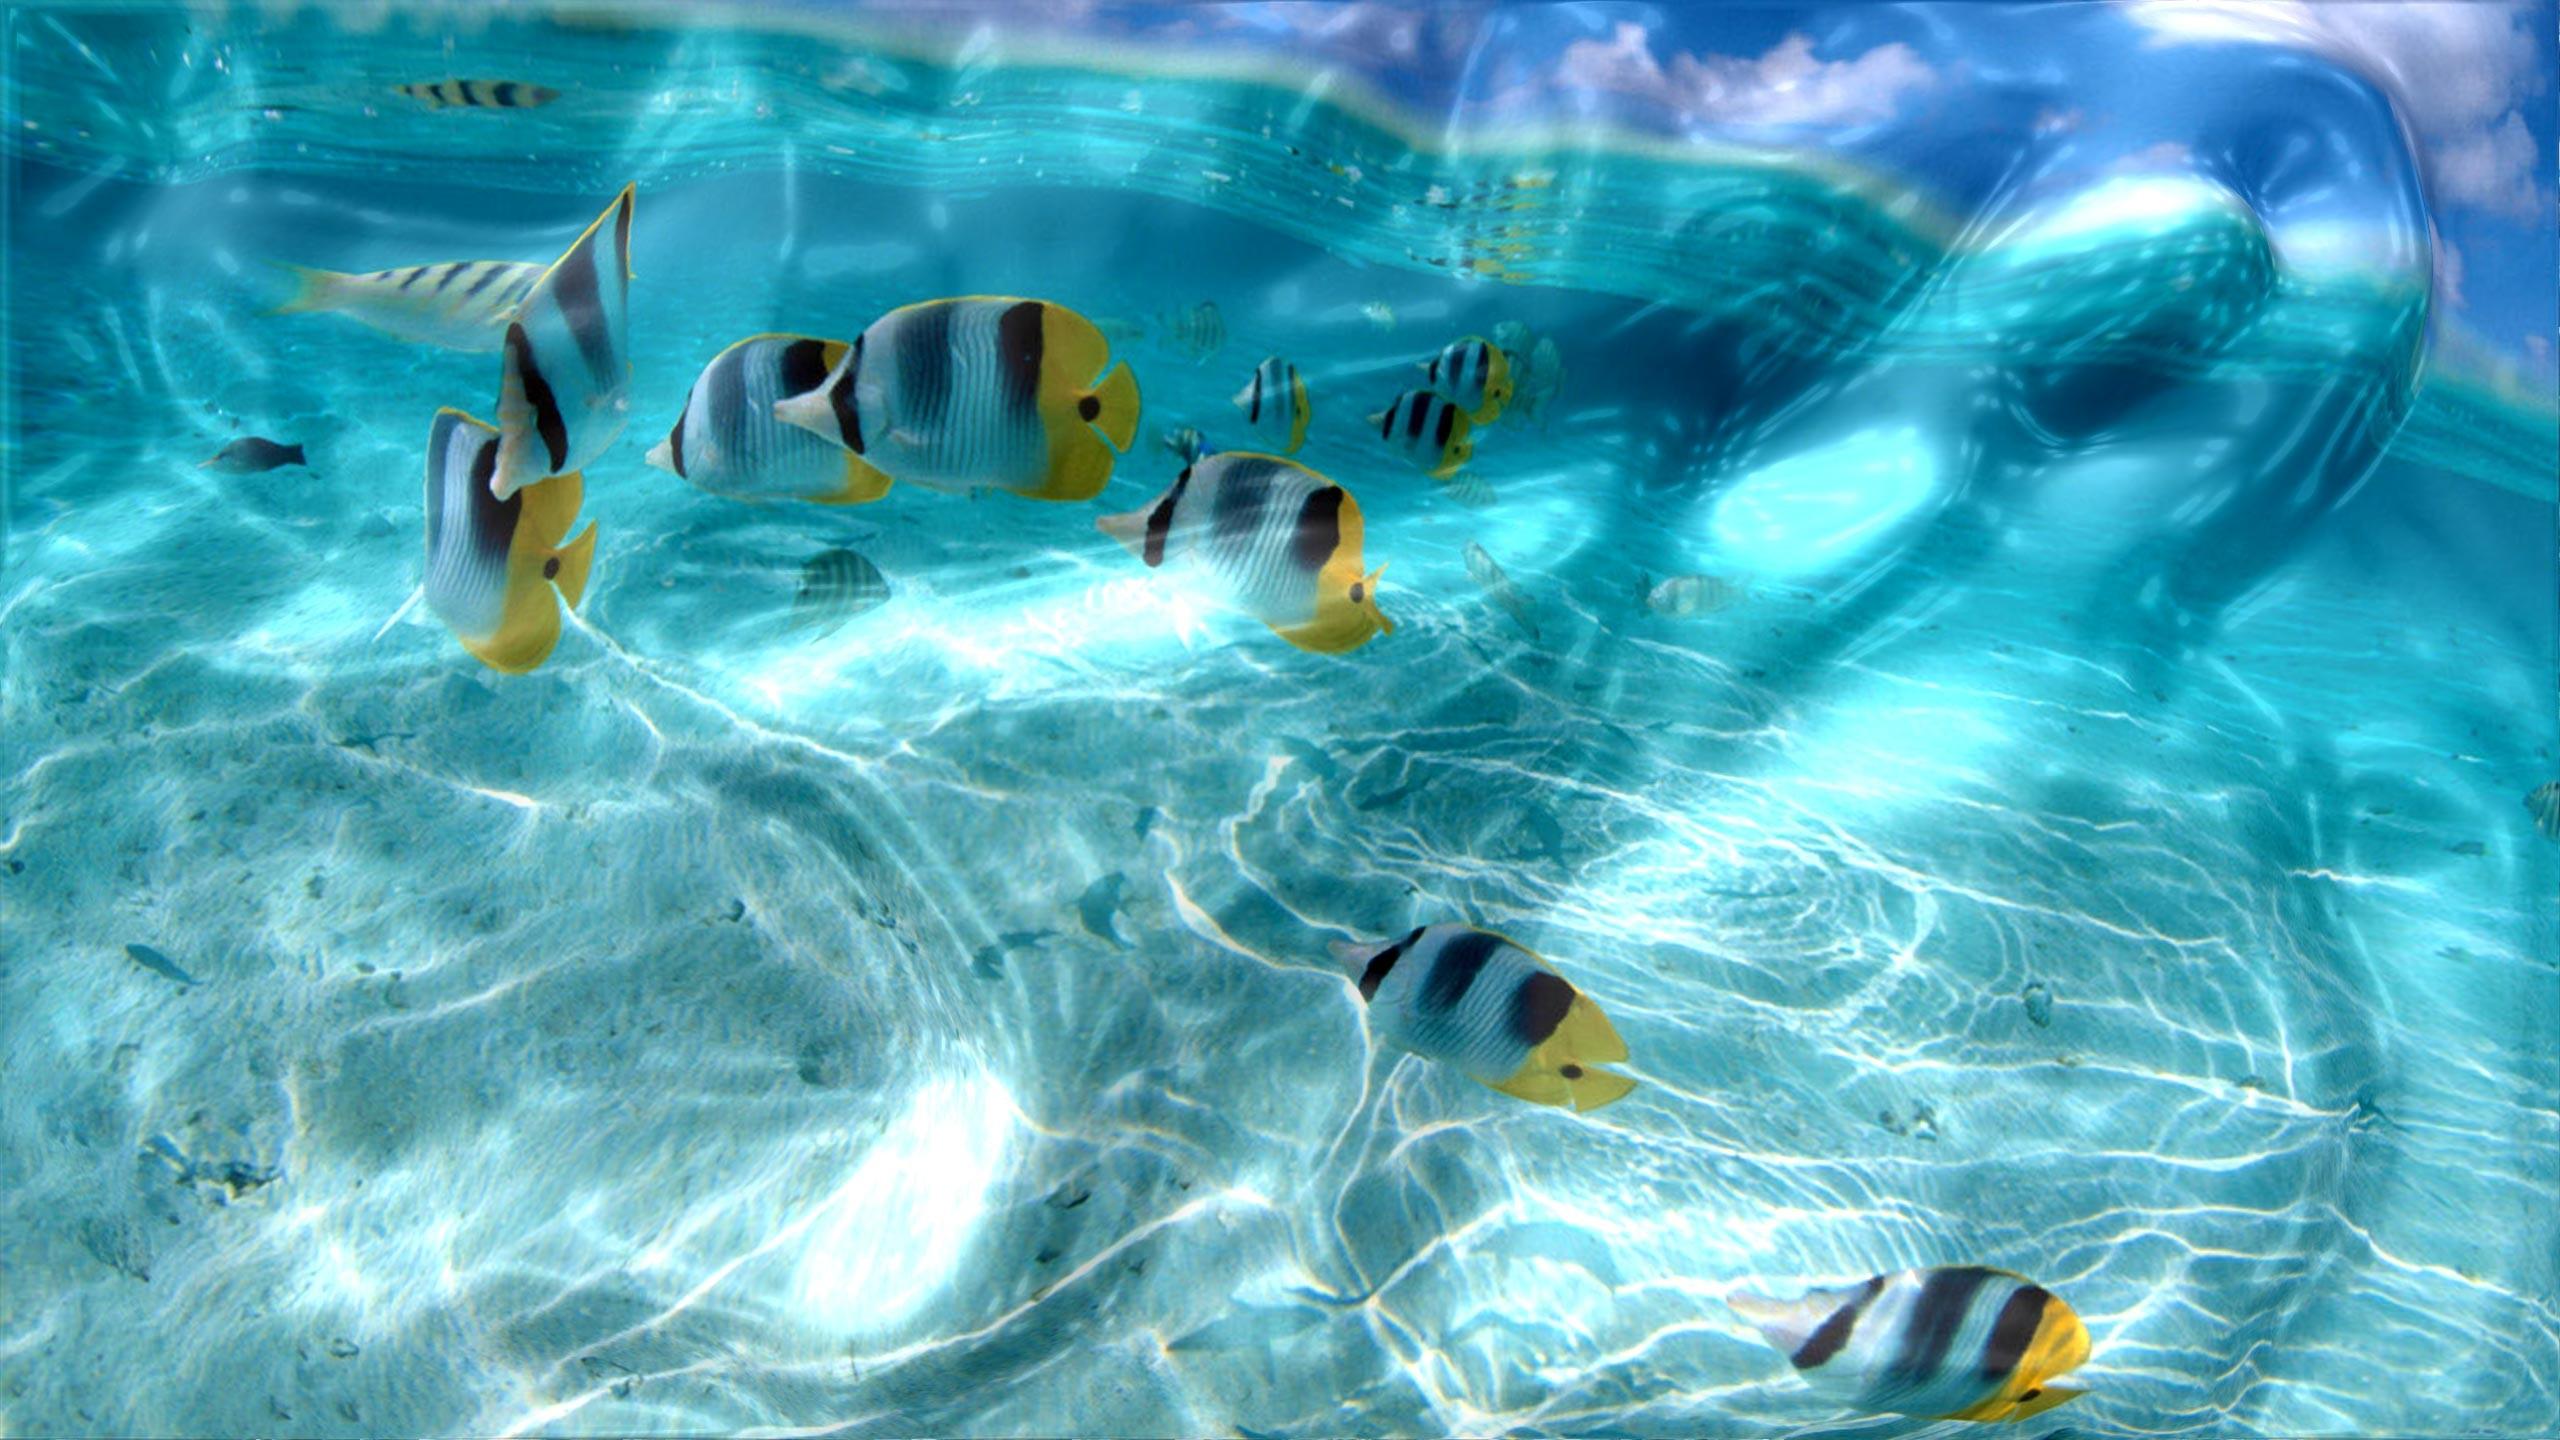 Res: 2560x1440, Watery Desktop 3D